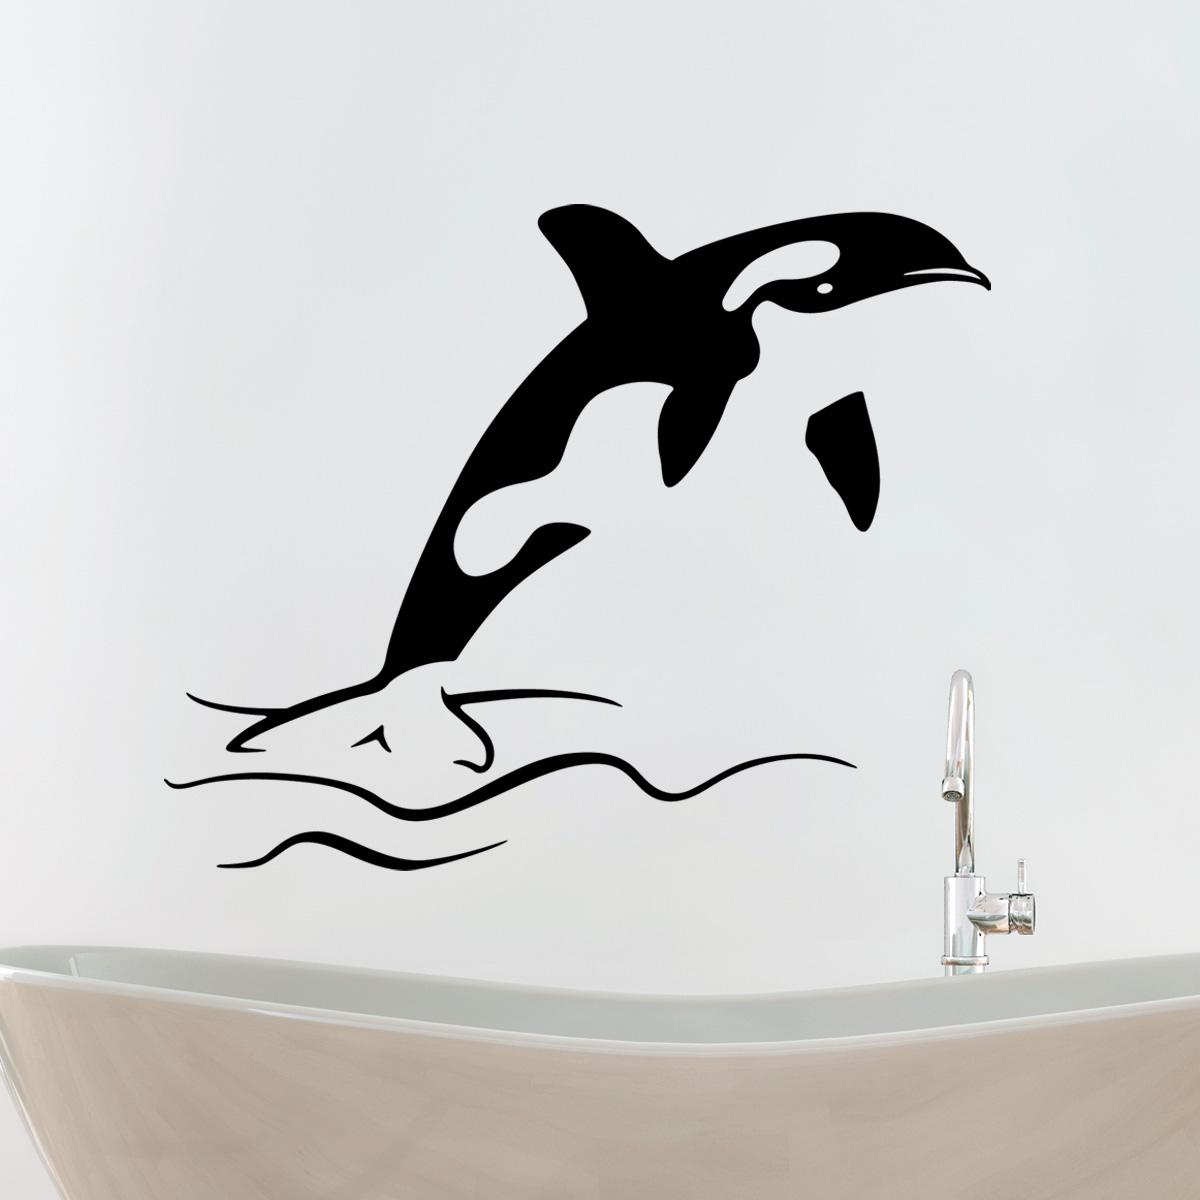 Stickers muraux pour salle de bain sticker mural dauphin for Stickers pour miroir salle de bain